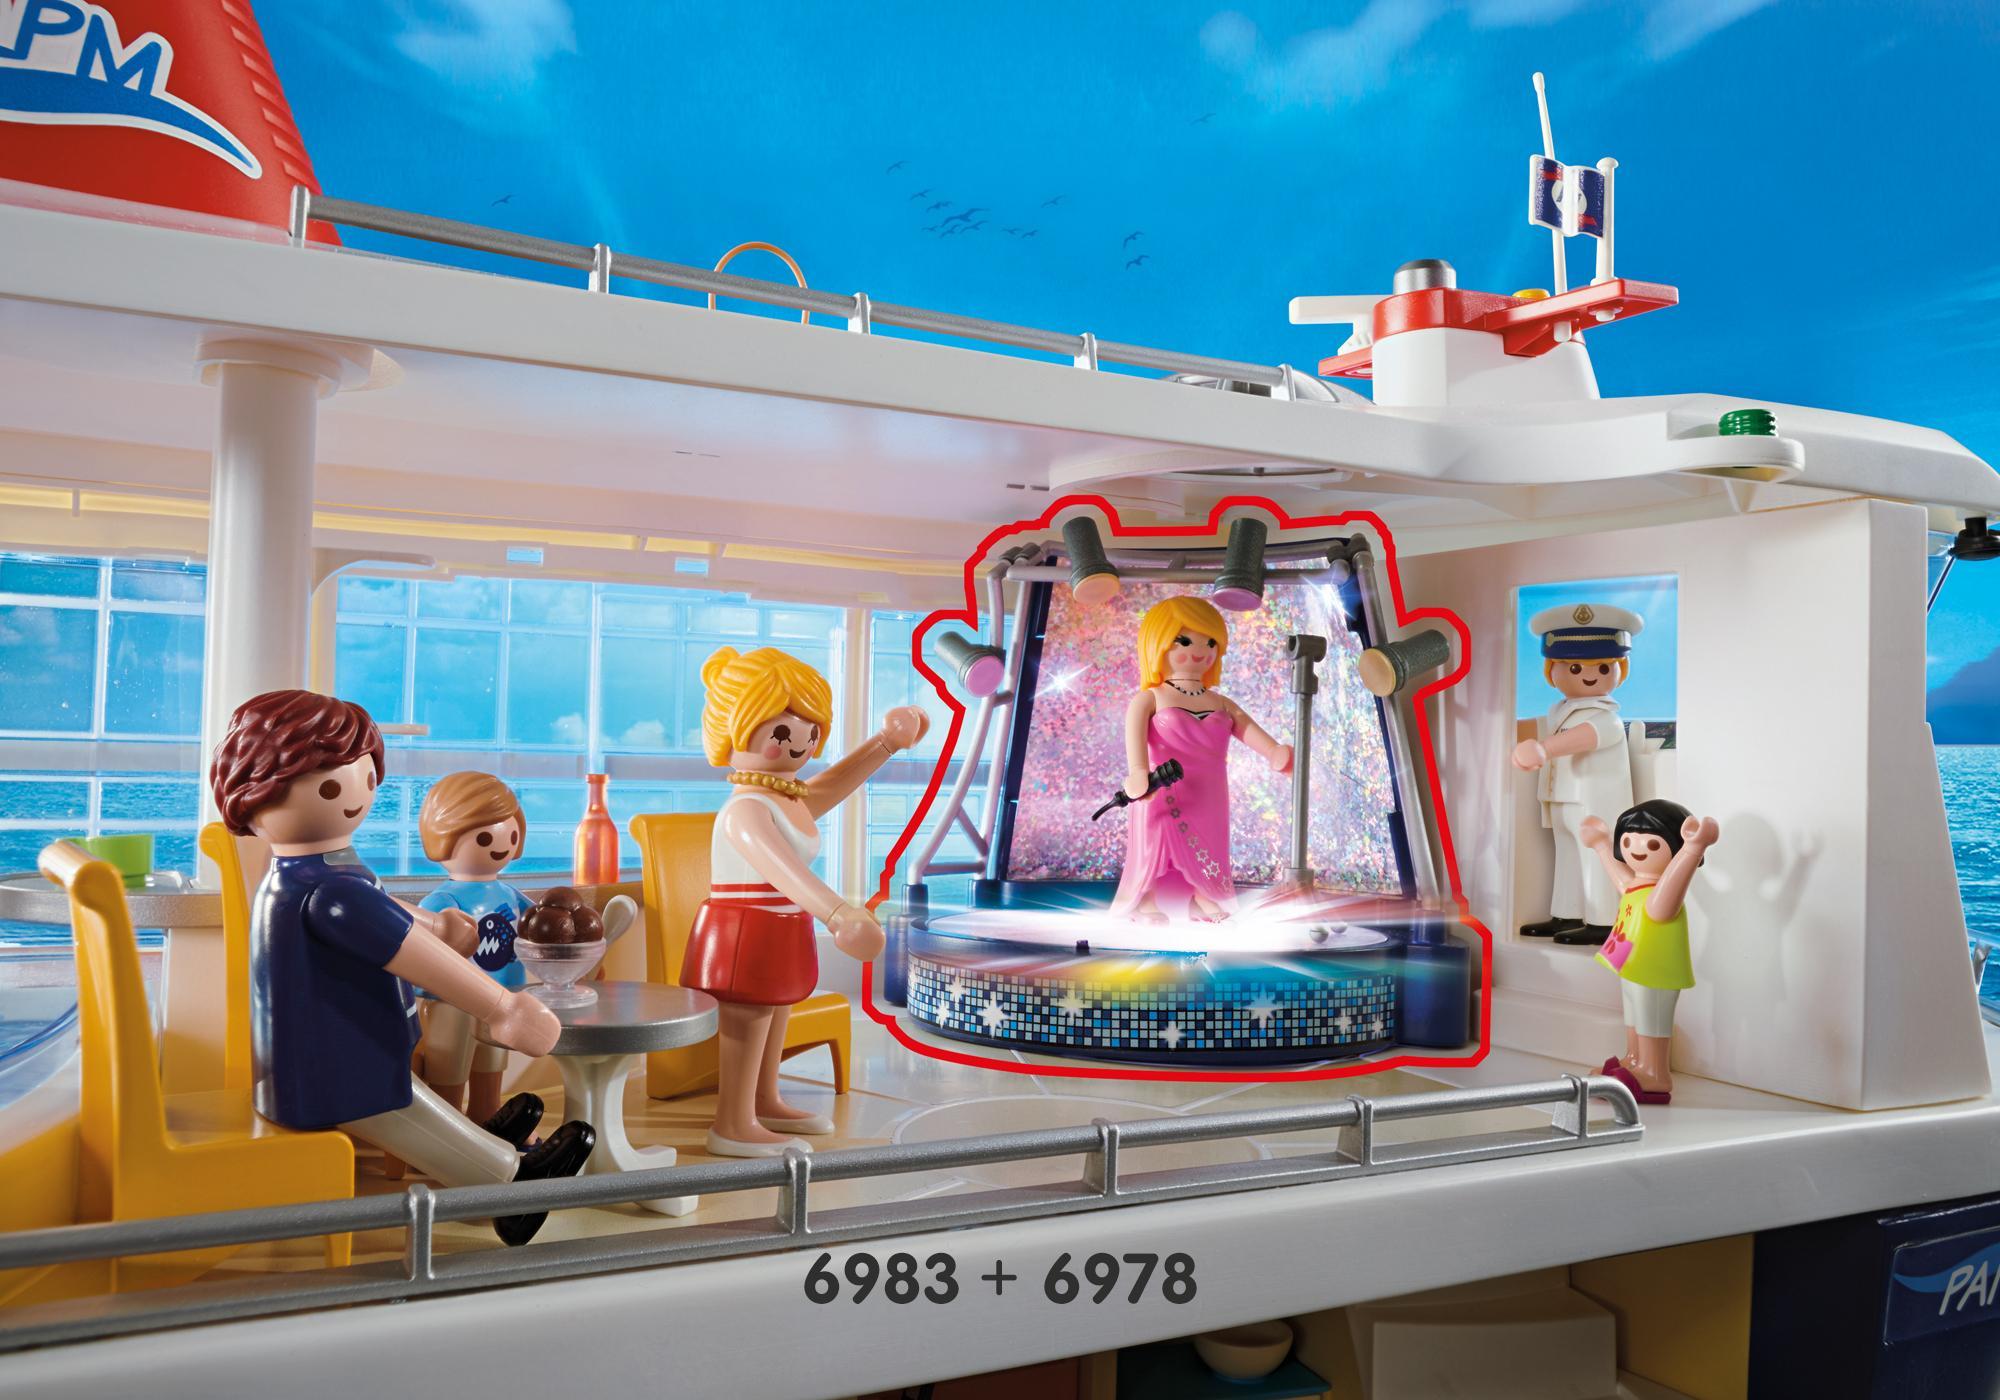 http://media.playmobil.com/i/playmobil/6983_product_extra1/Discoteca com Cantora